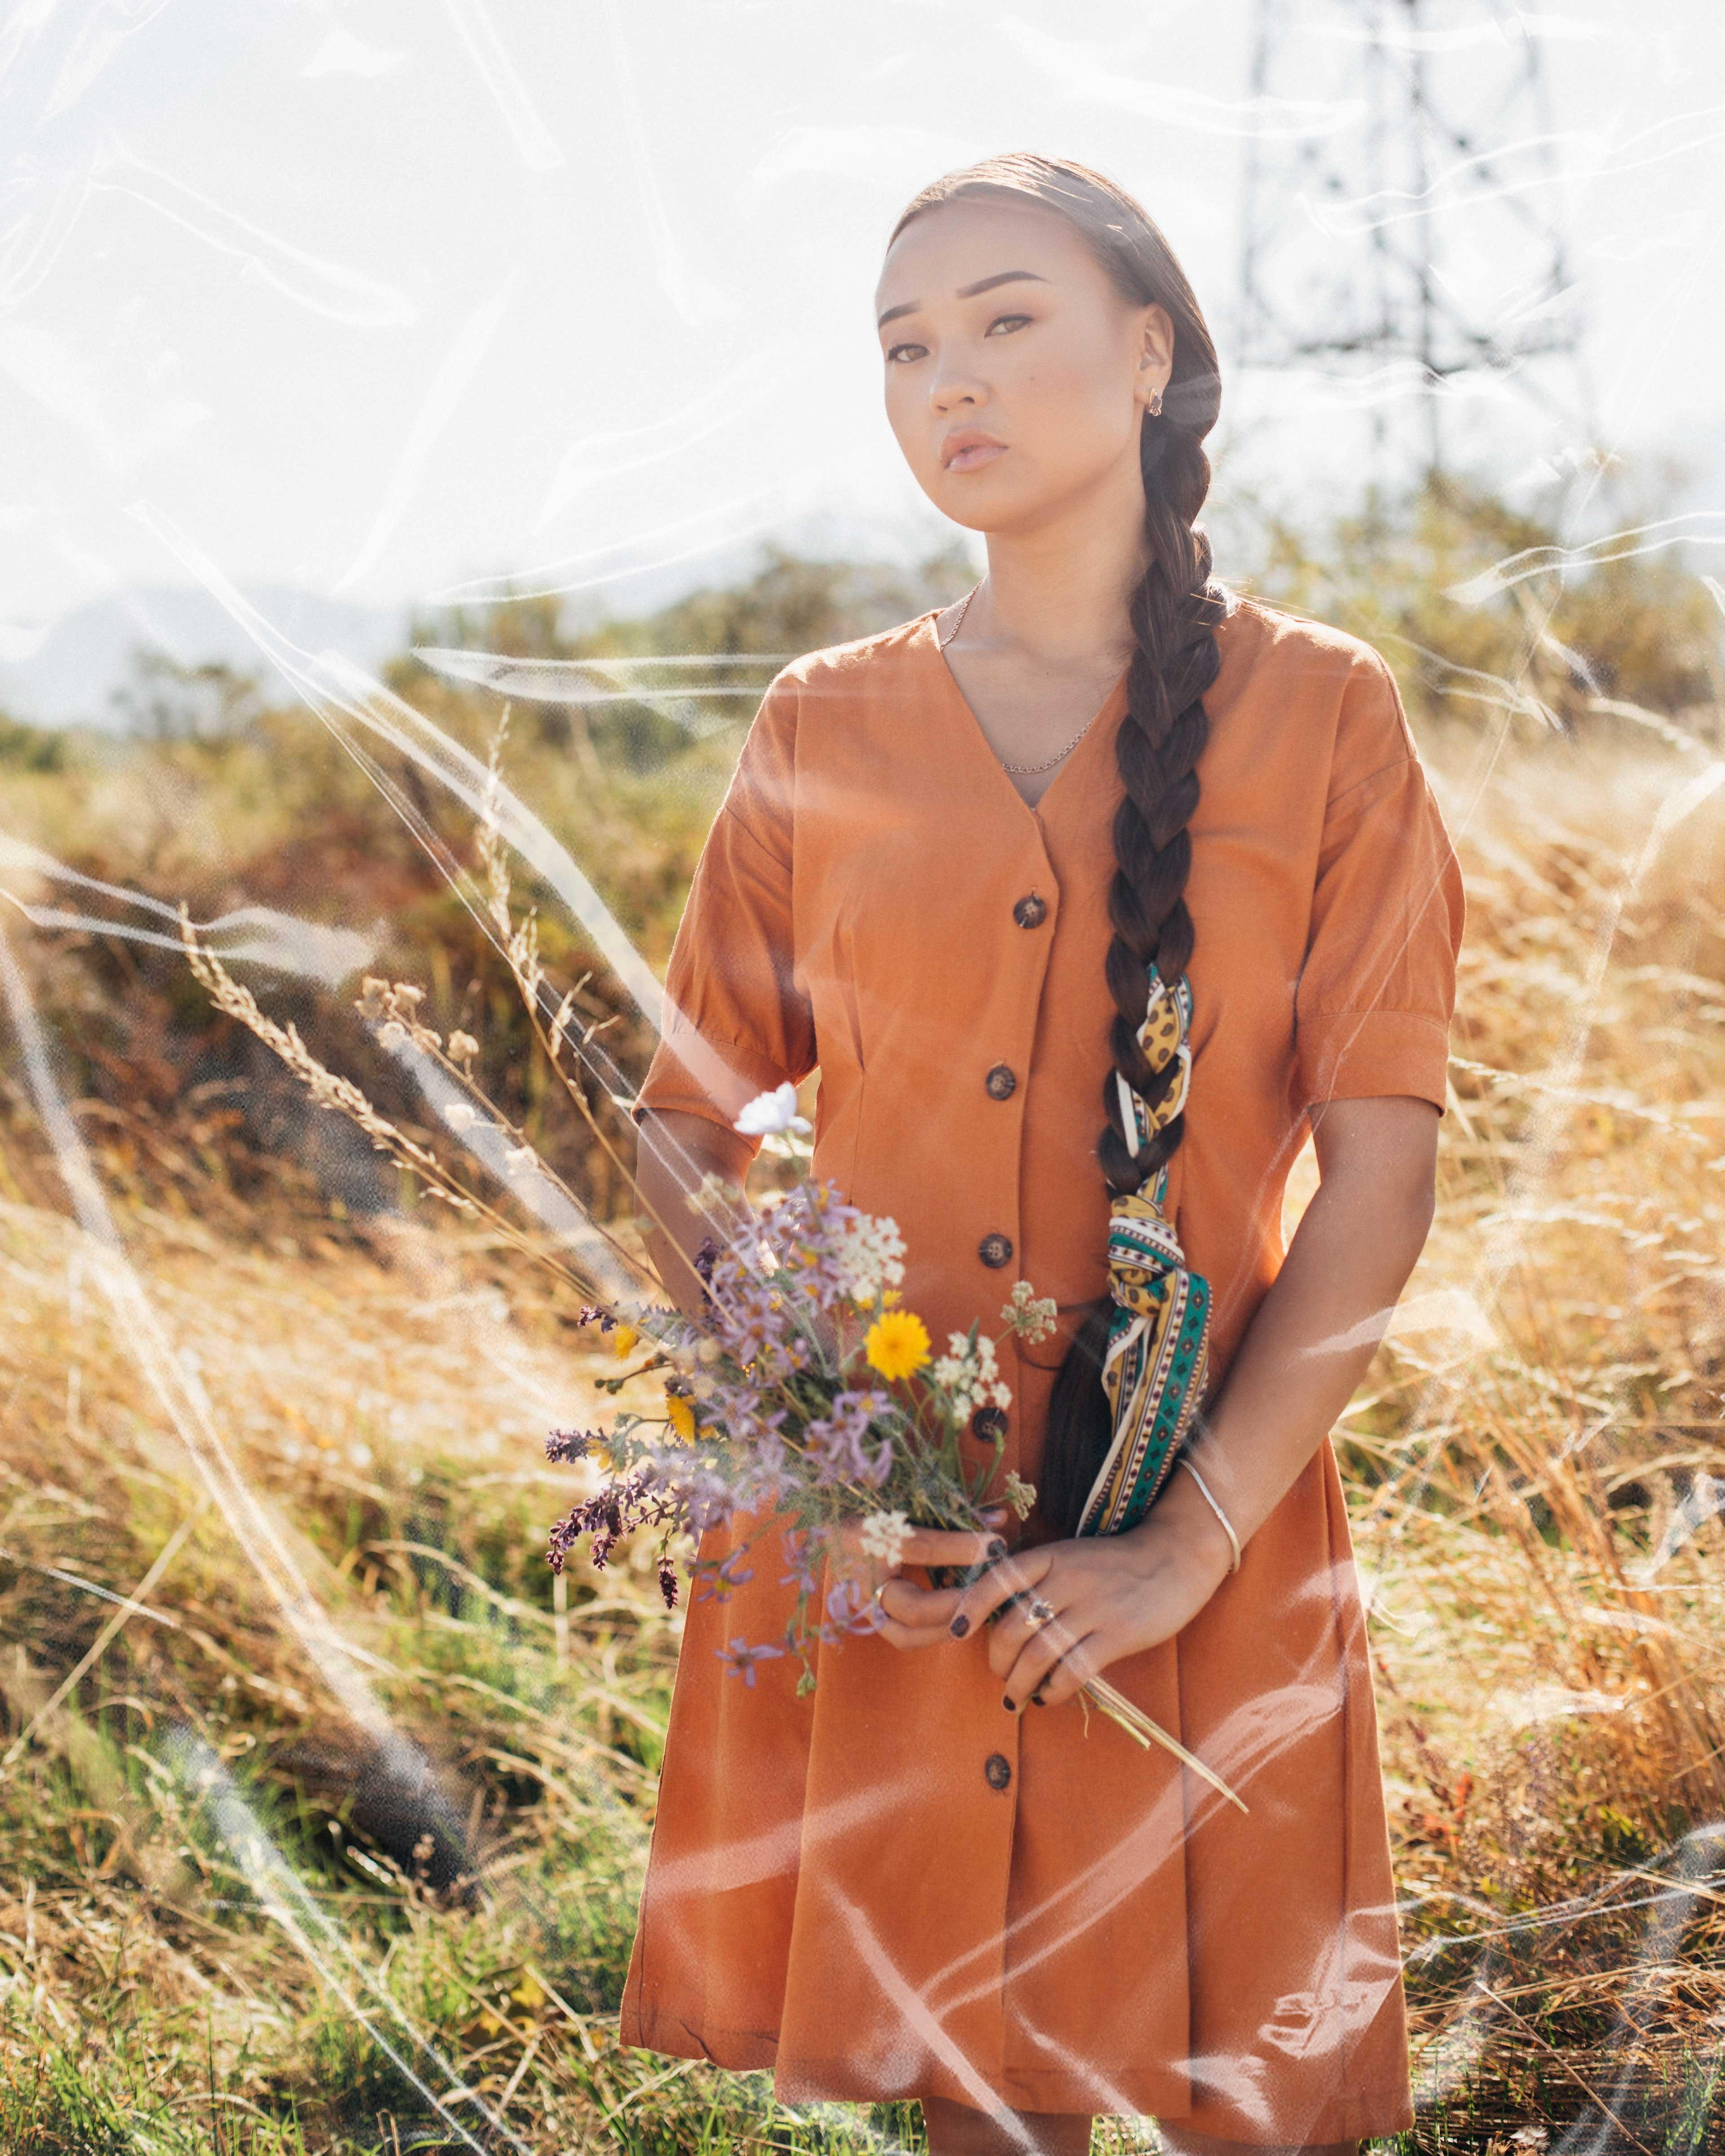 trắc nghiệm cô gái giữa cánh đồng